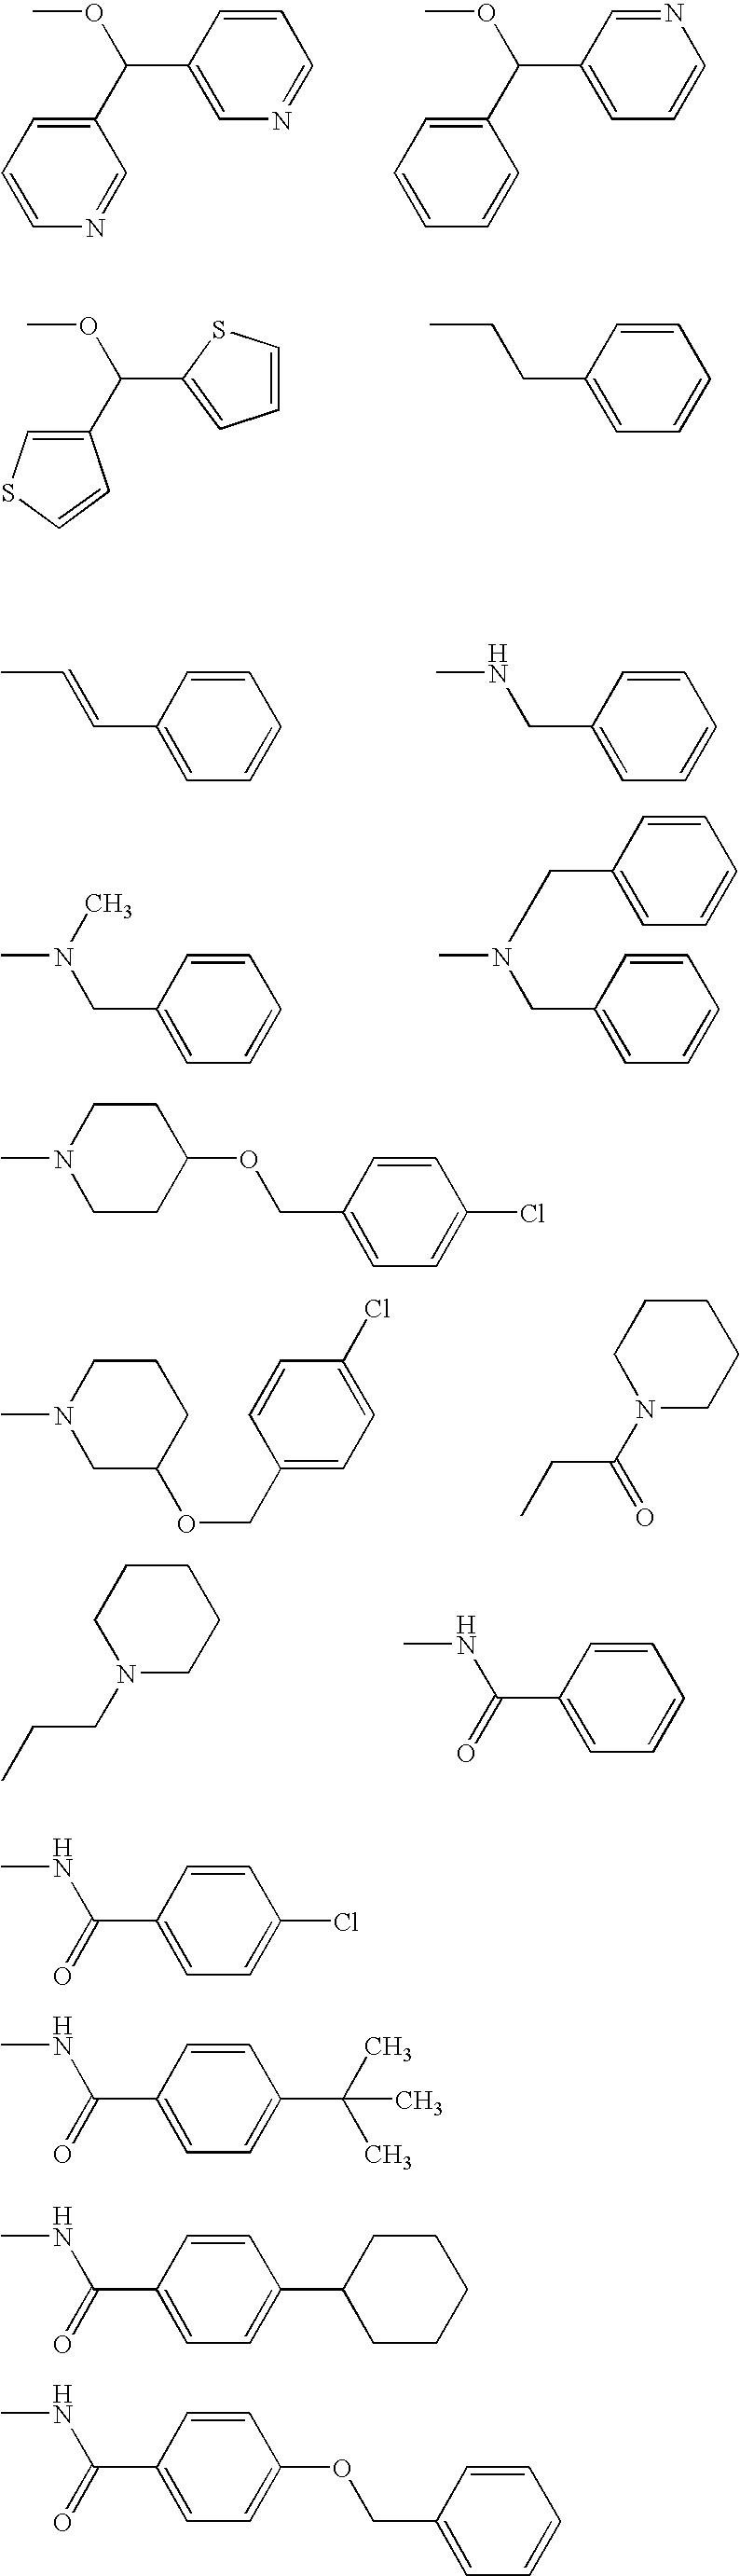 Figure US20070049593A1-20070301-C00240